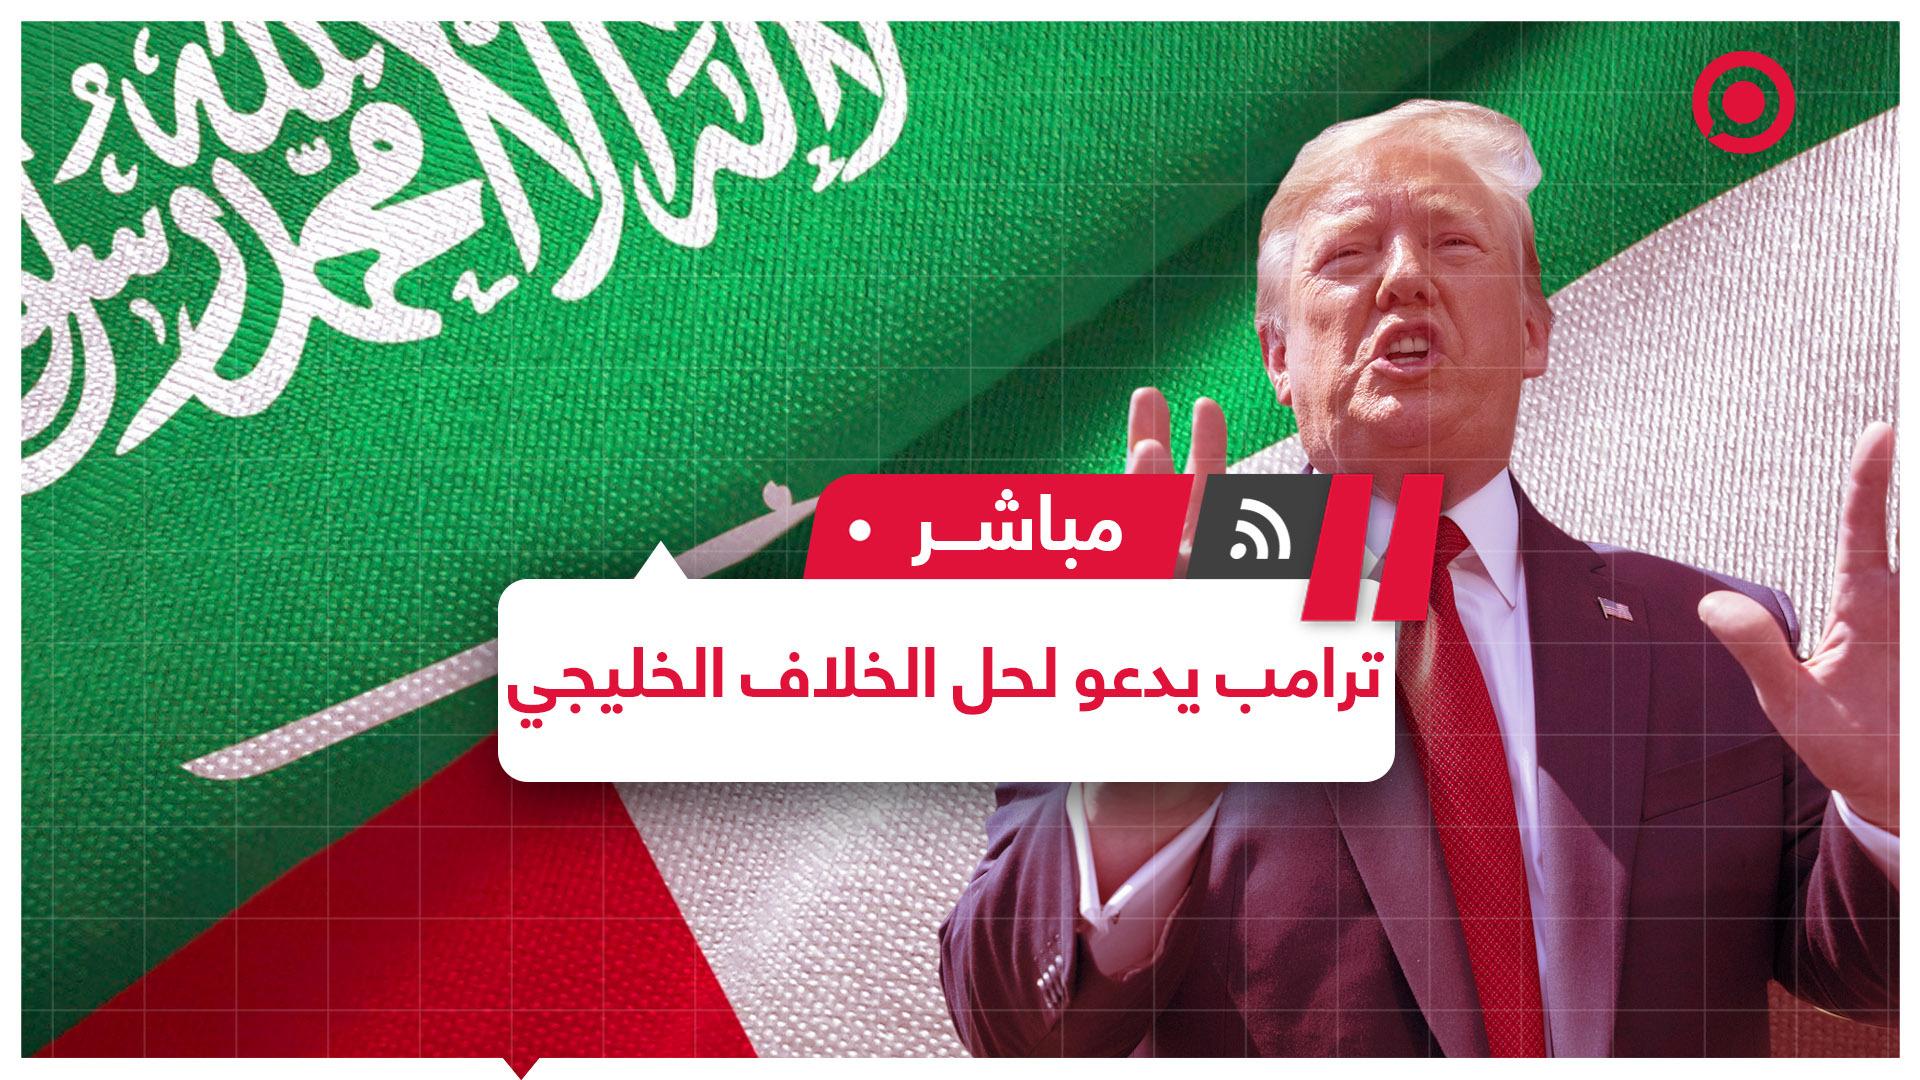 هل ستشهد الأزمة الخليجية انفراجة قريبا بعد دعوة ترامب؟